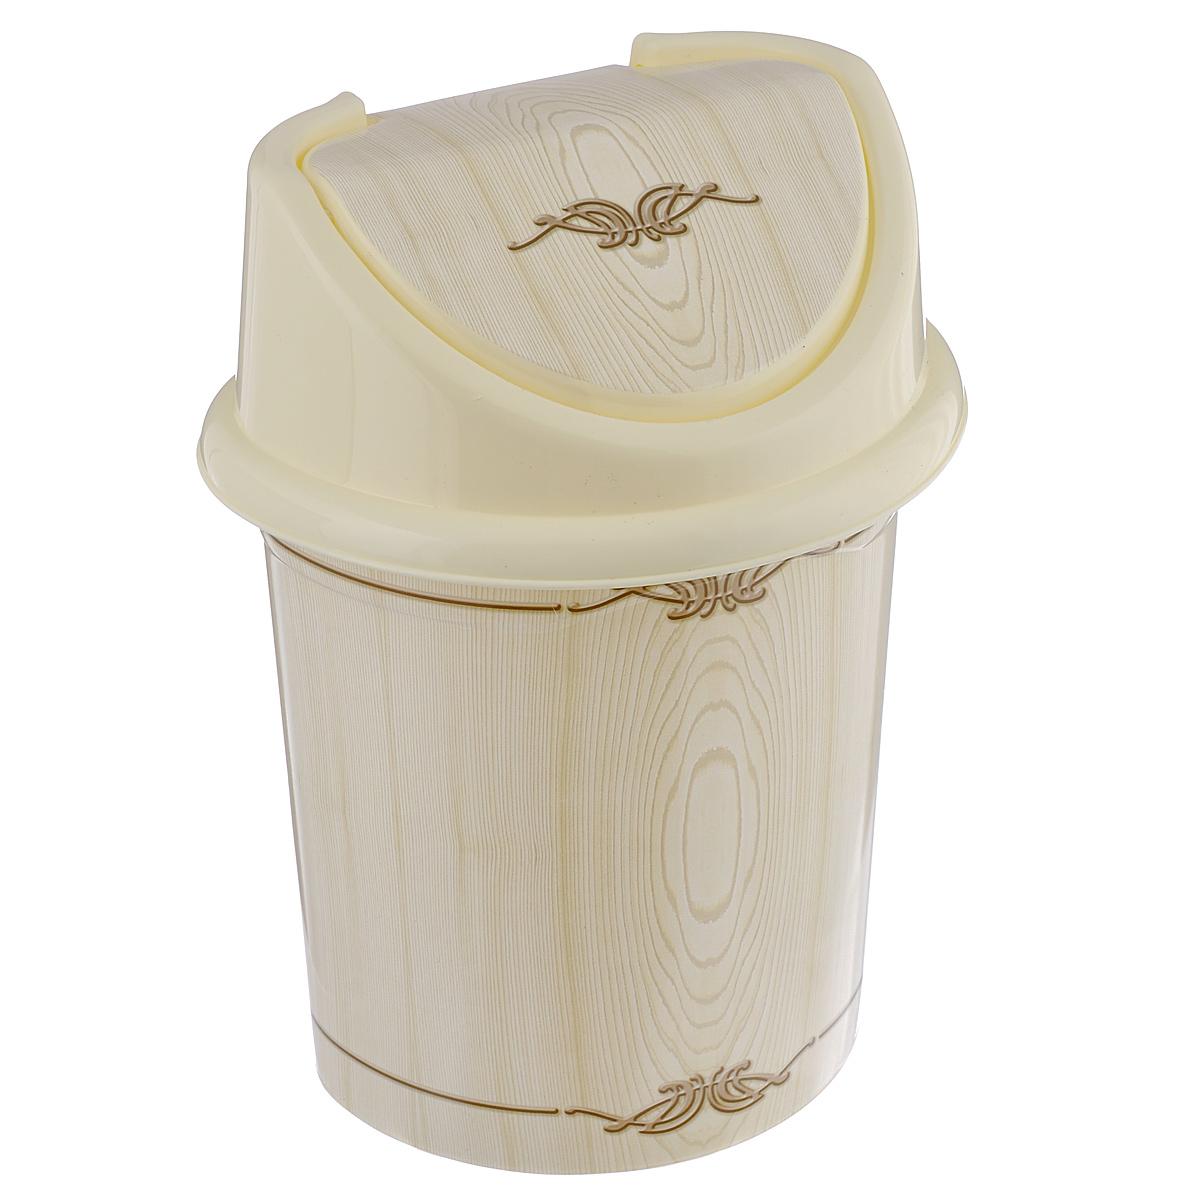 Контейнер для мусора Violet Беленый дуб, цвет: слоновая кость, коричневый, 8 лUP210DFКонтейнер для мусора Violet Беленый дуб изготовлен из прочного пластика. Контейнер снабжен удобной съемной крышкой с подвижной перегородкой. В нем удобно хранить мелкий мусор. Благодаря лаконичному дизайну такой контейнер идеально впишется в интерьер и дома, и офиса.Размер изделия: 21 см x 26 см x 35,5 см.